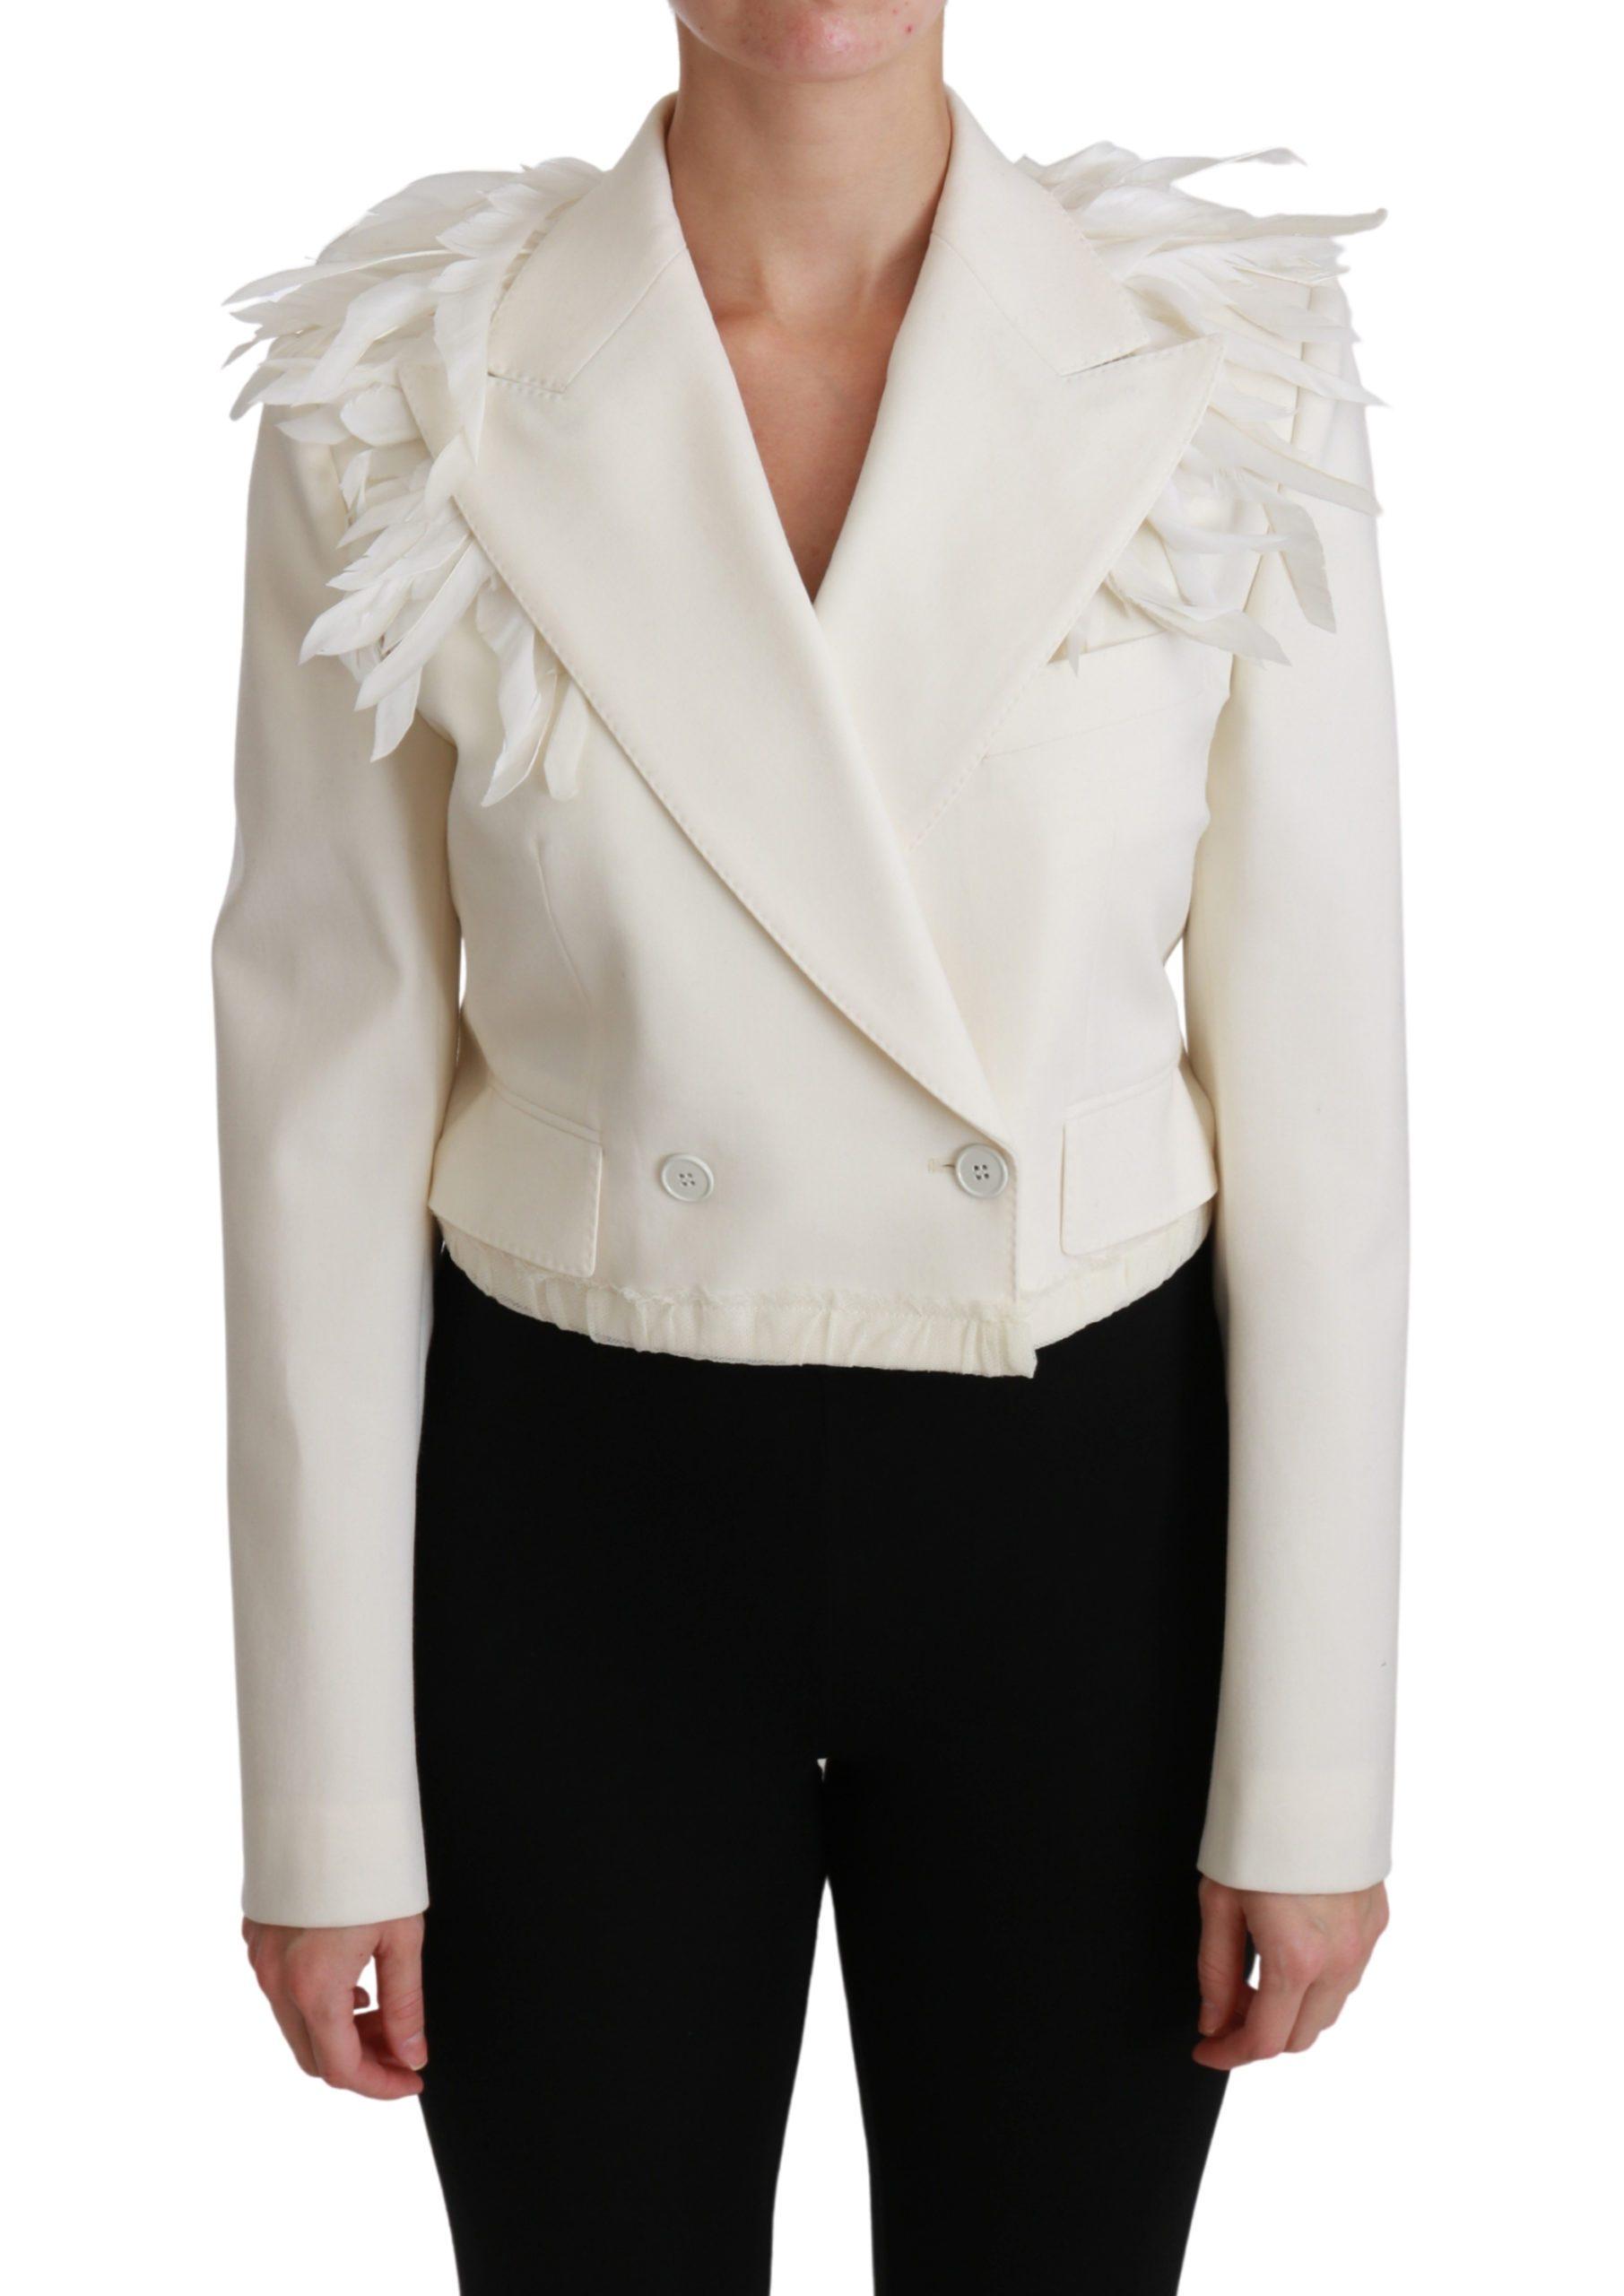 Dolce & Gabbana Women's Double Breasted Coat Wool Jacket White JKT2580 - IT40 S